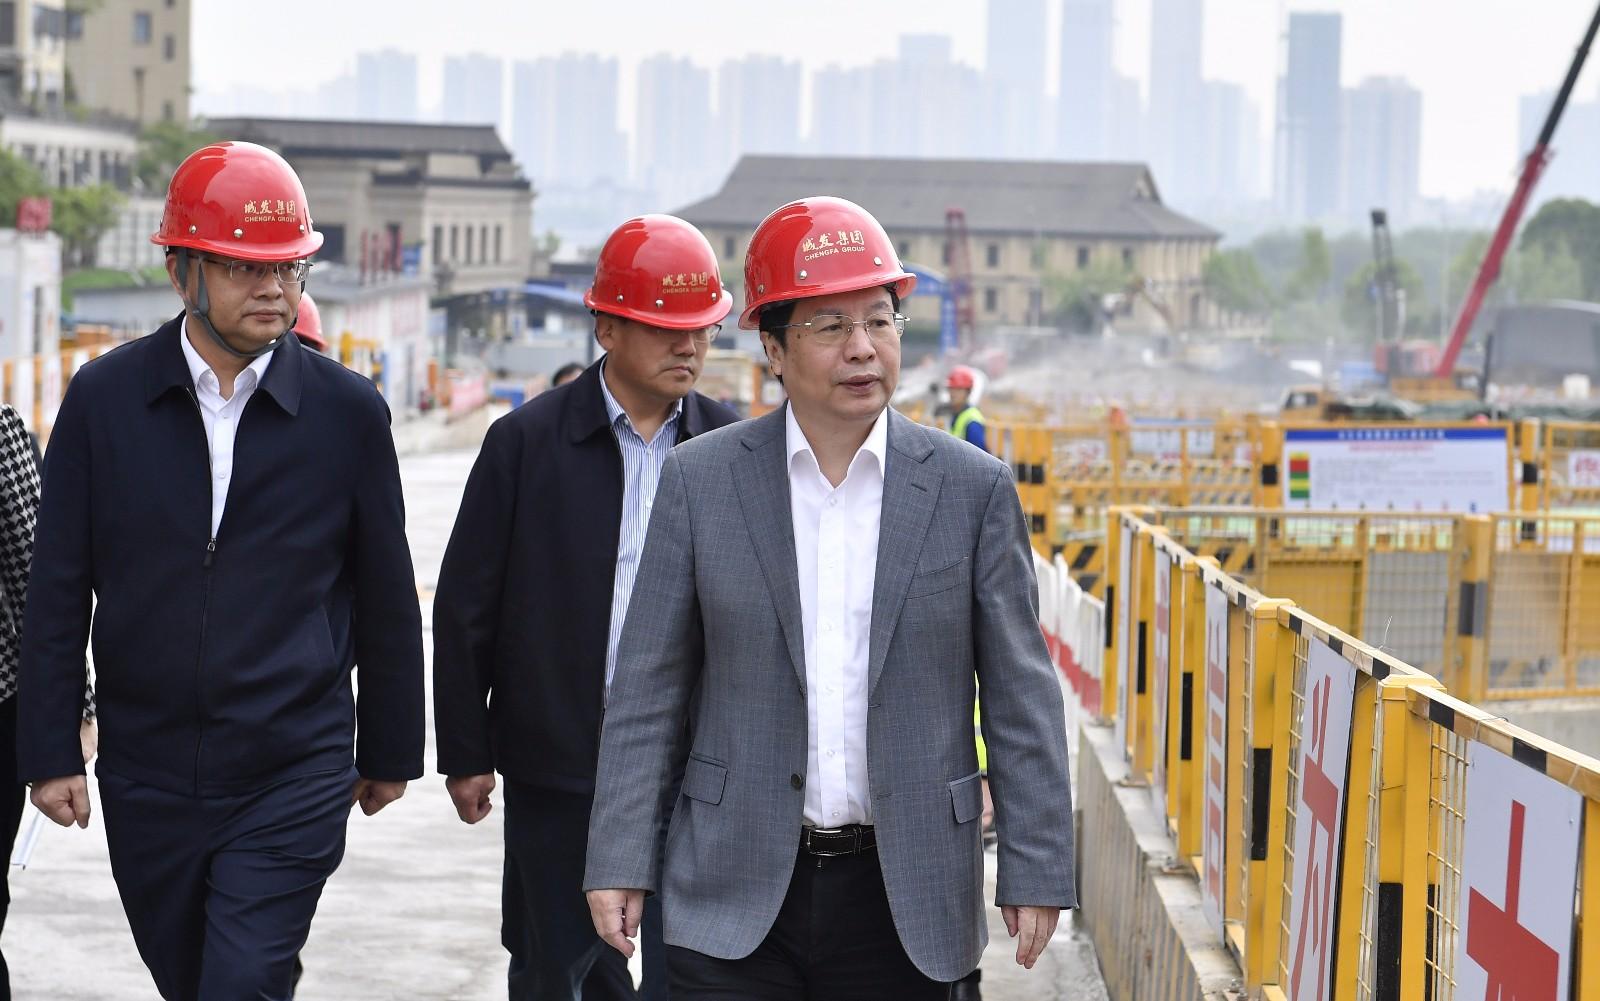 4月10日上午,省委常委、市委书记胡衡华调研重大基础设施项目建设情况时,深入湘雅路过江通道工程现场察看项目进展。长沙晚报全媒体记者 余劭劼 摄